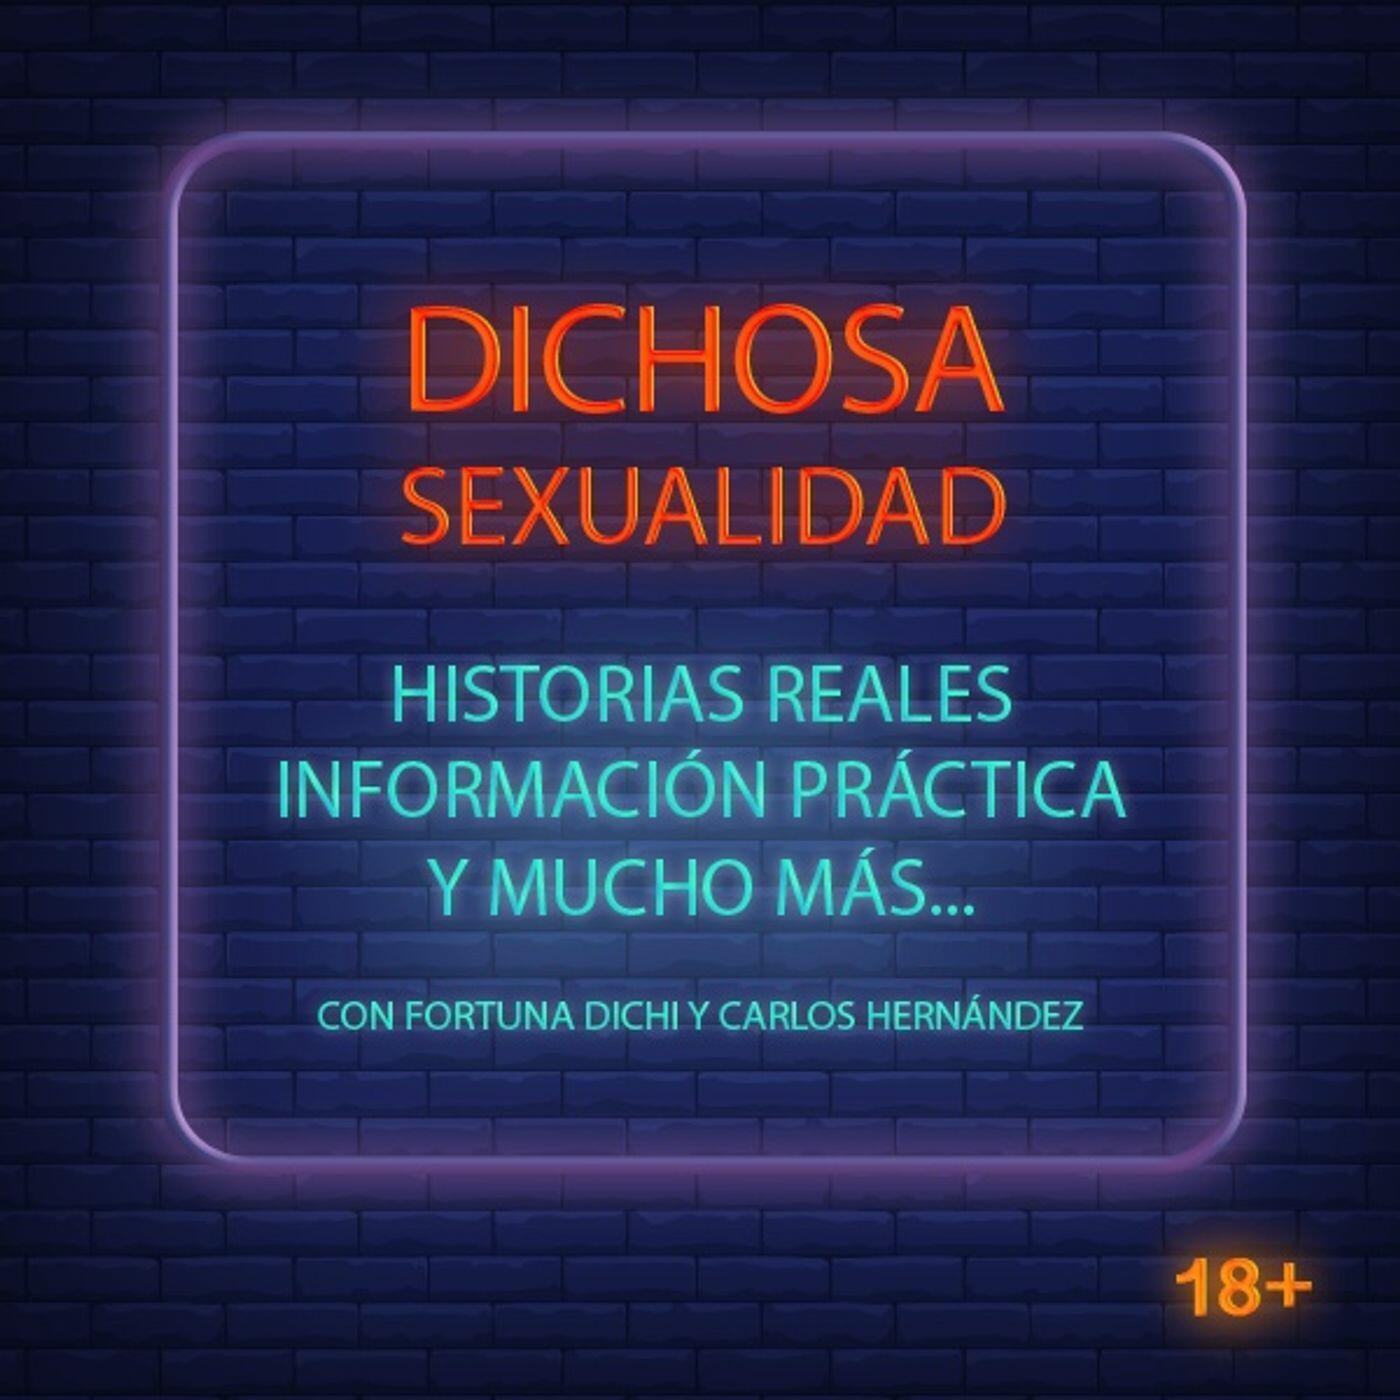 Dichosa Sexualidad